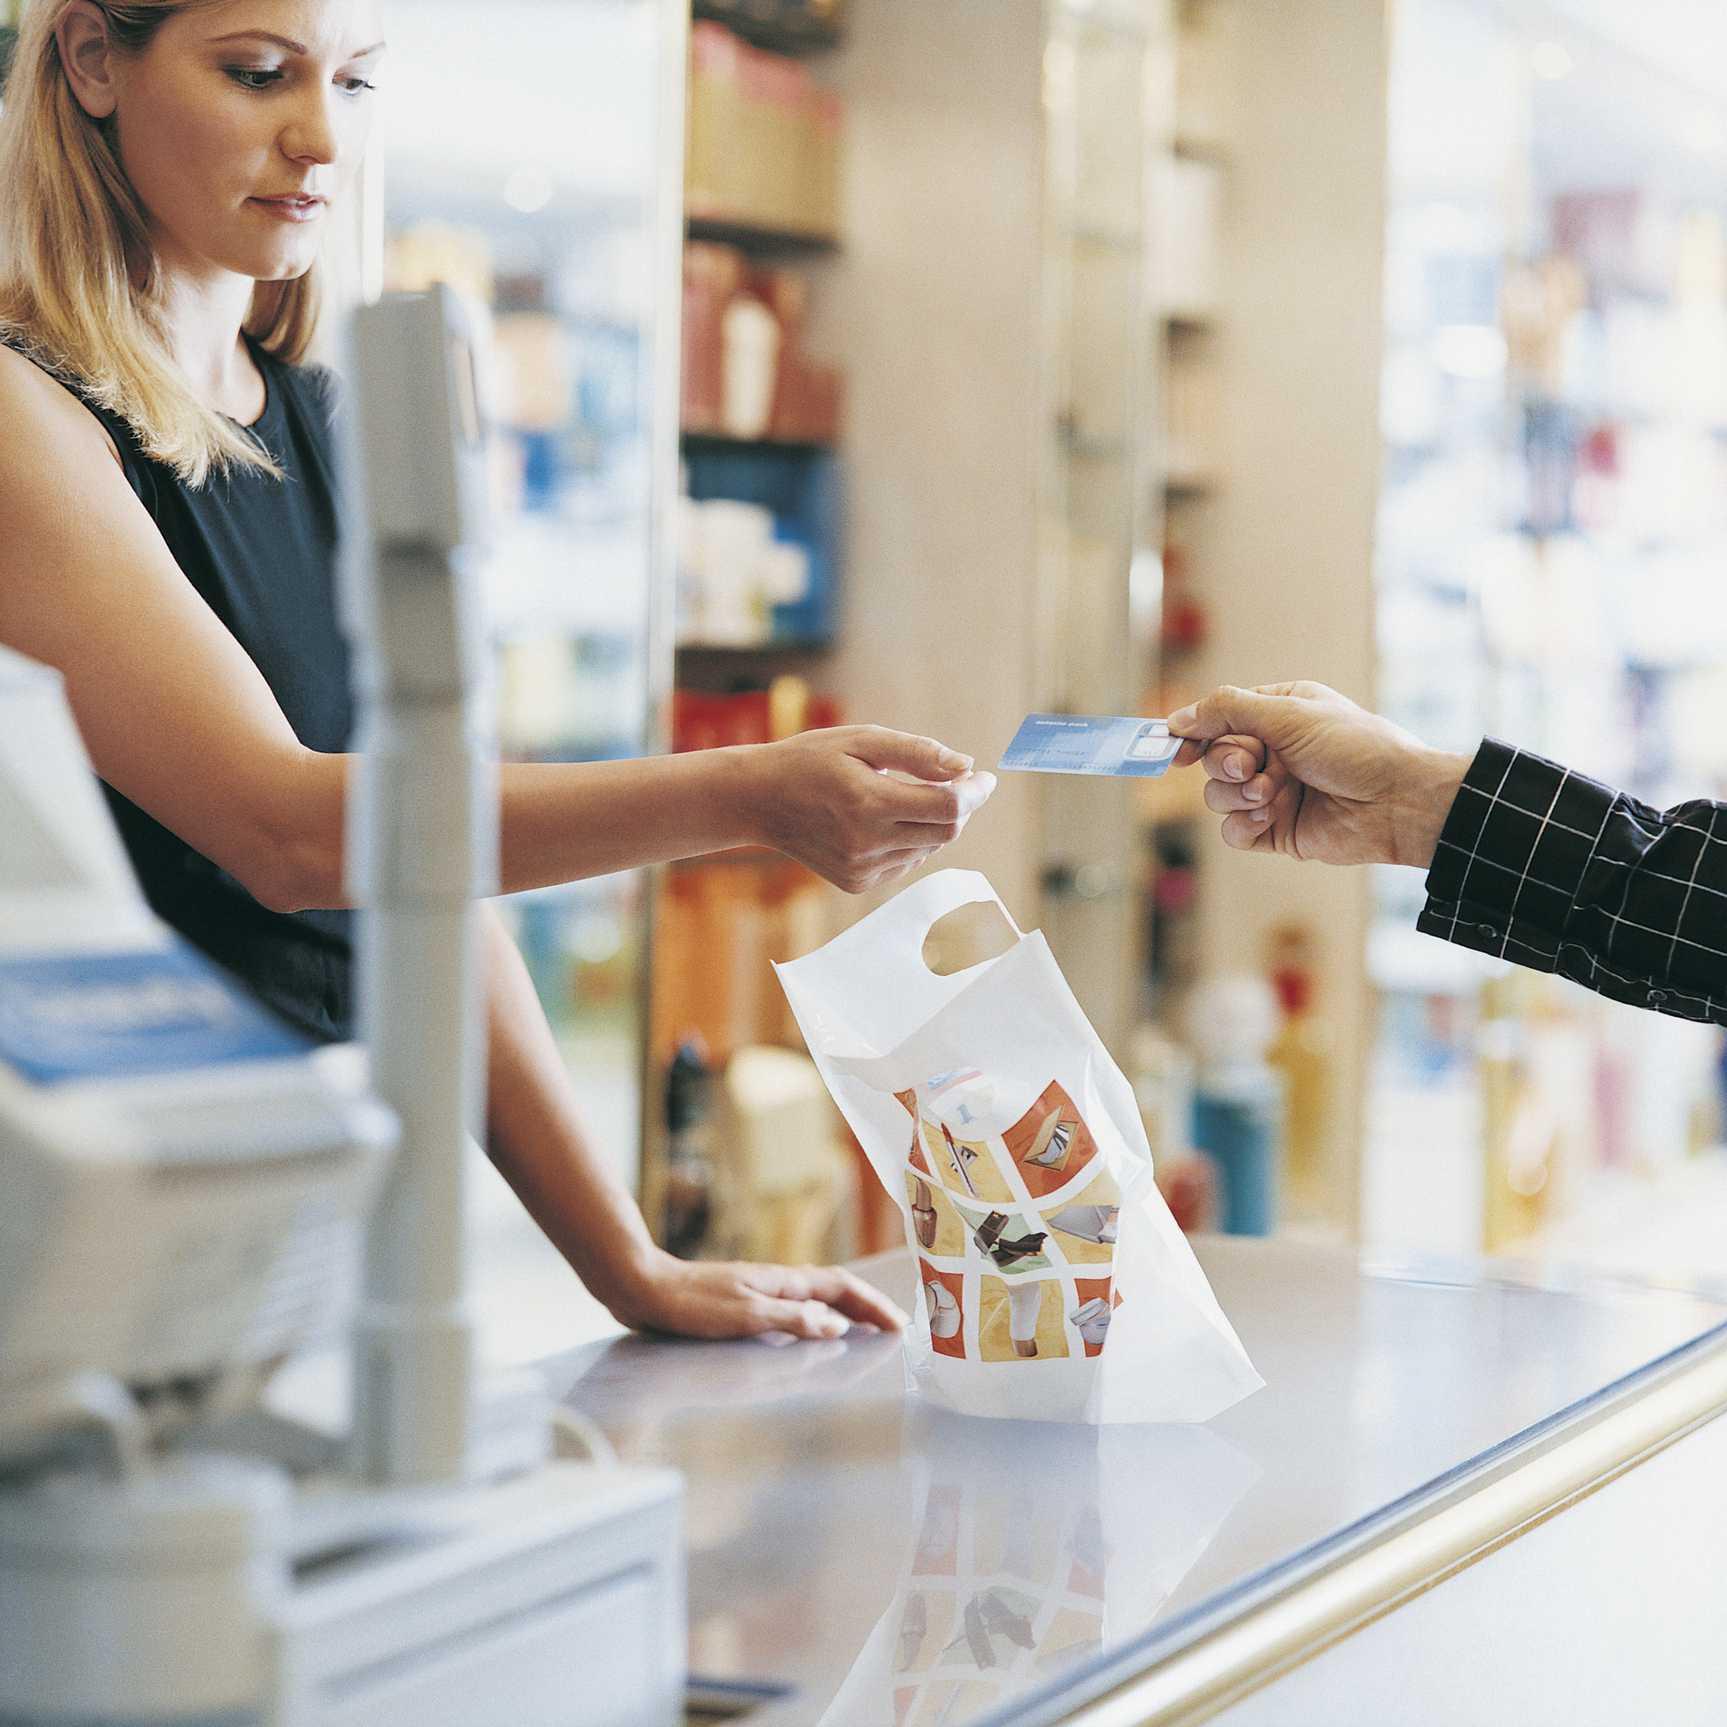 Asistente de tienda que acepta el pago